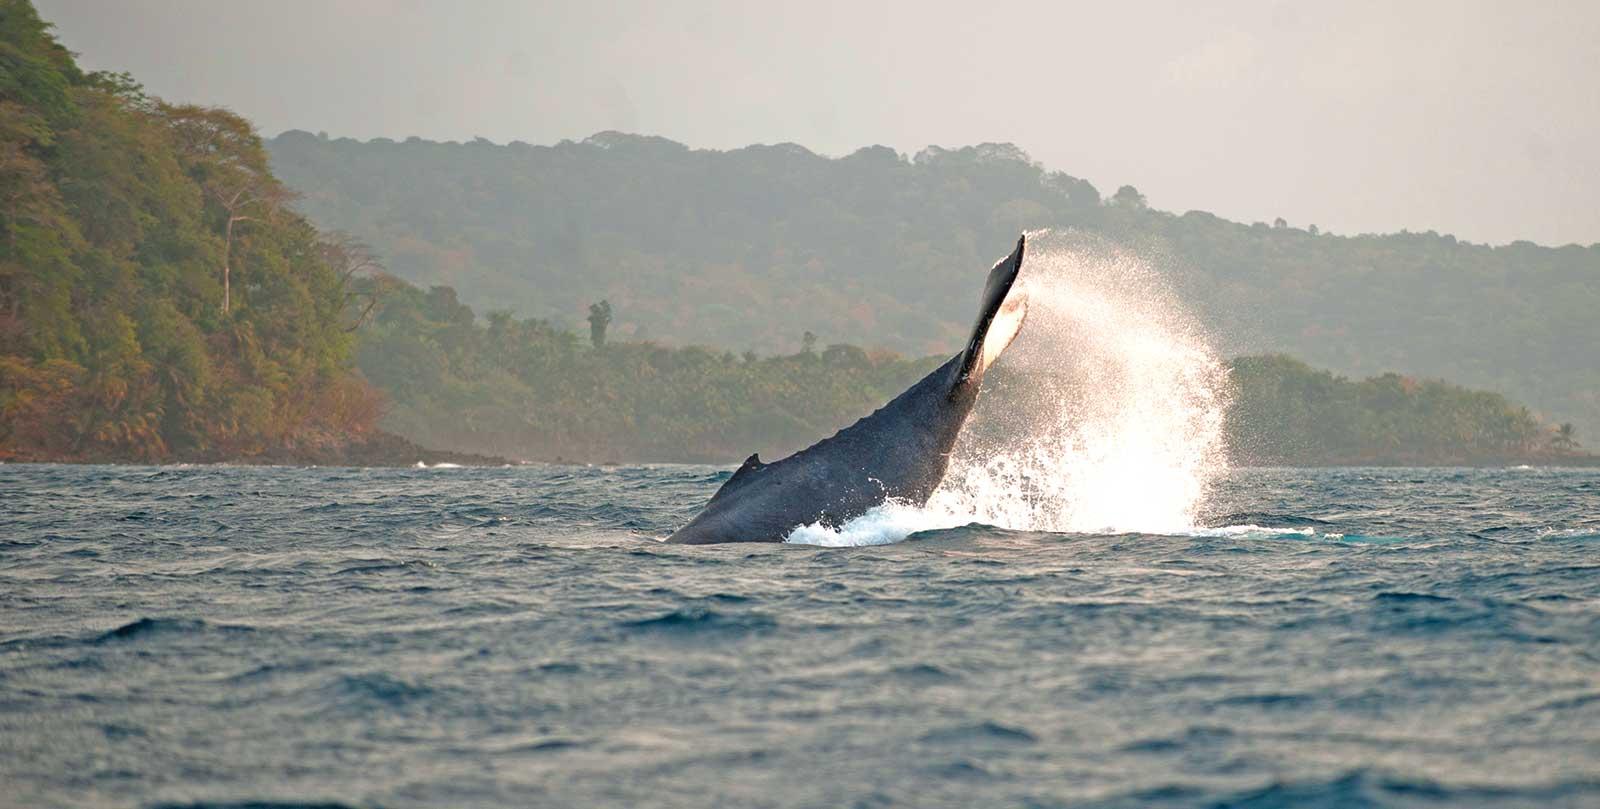 De juillet à septembre, vivre une expérience exceptionnelle avec l'observation des cétacés dans leur habitat naturel, Sao Tomé-et-Principe